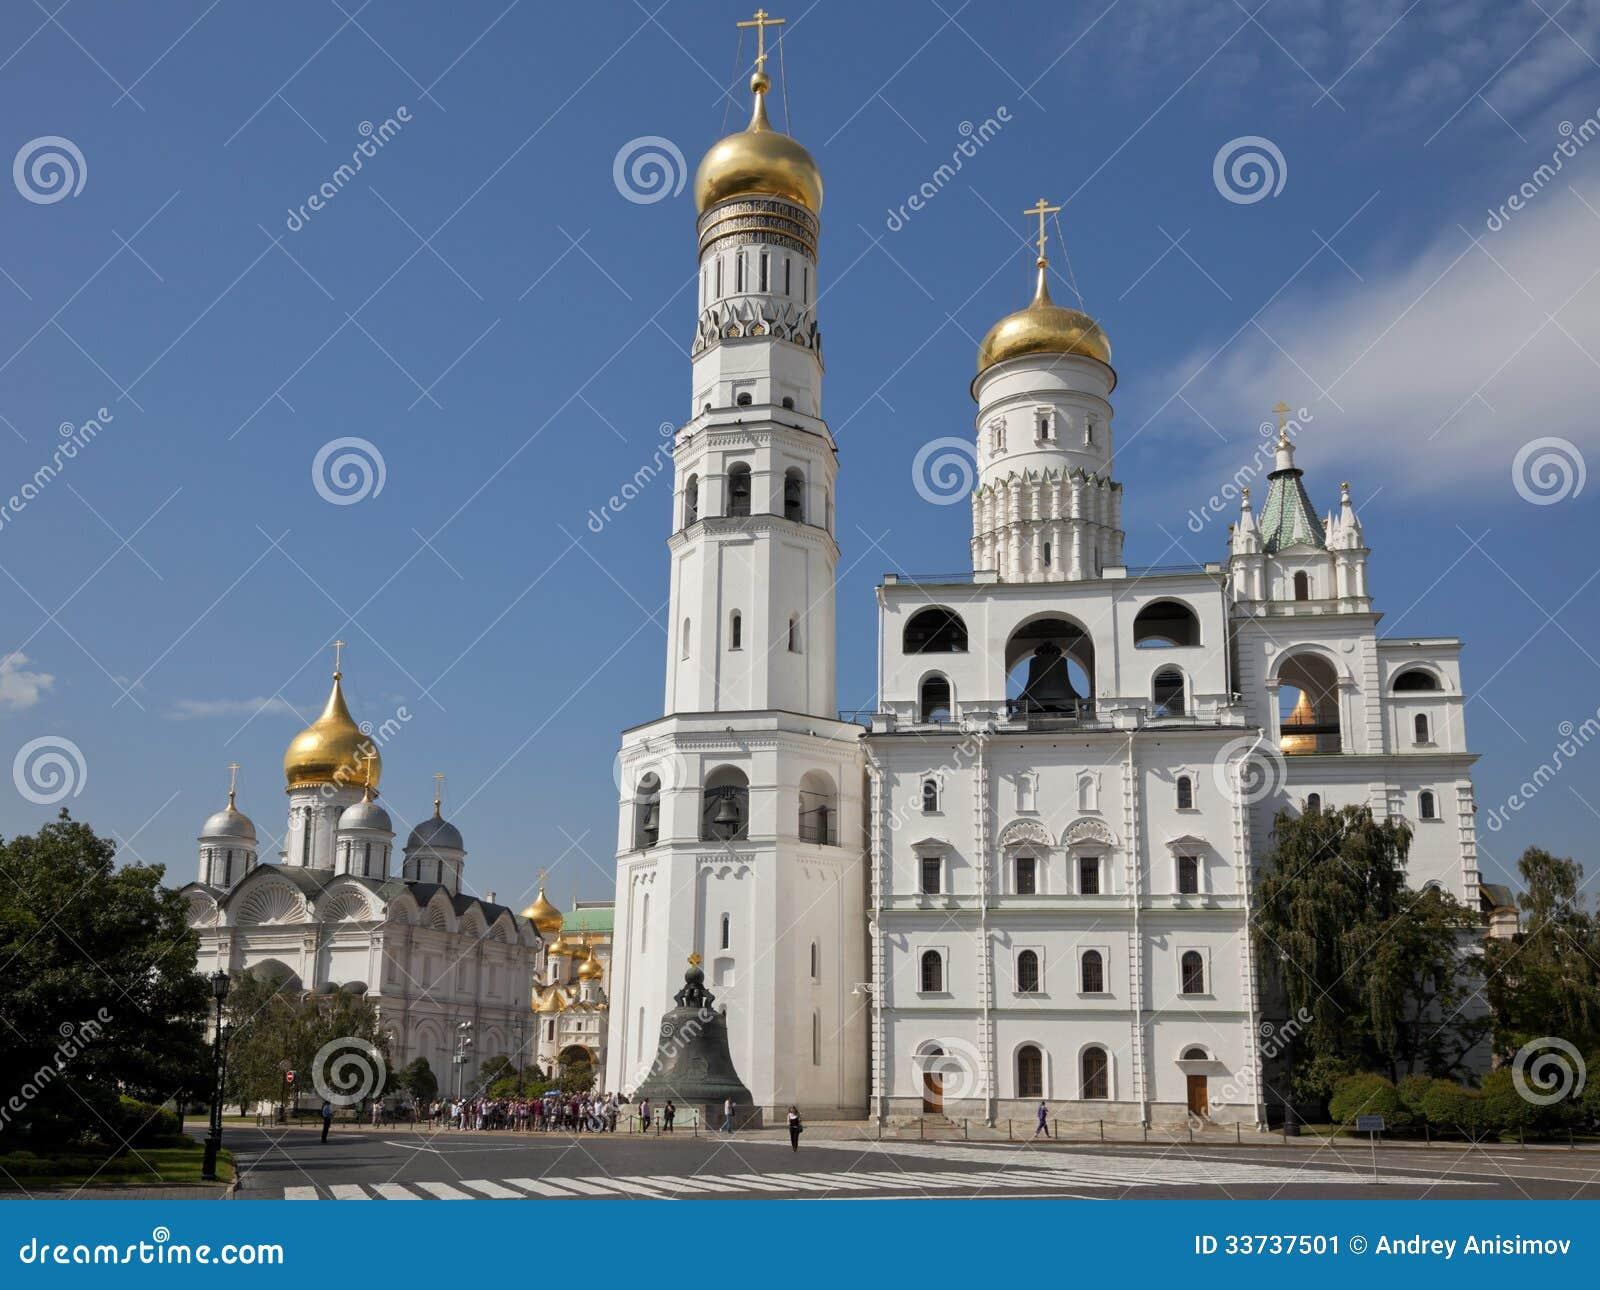 Иван большая колокольня, Москва Кремль, Россия.